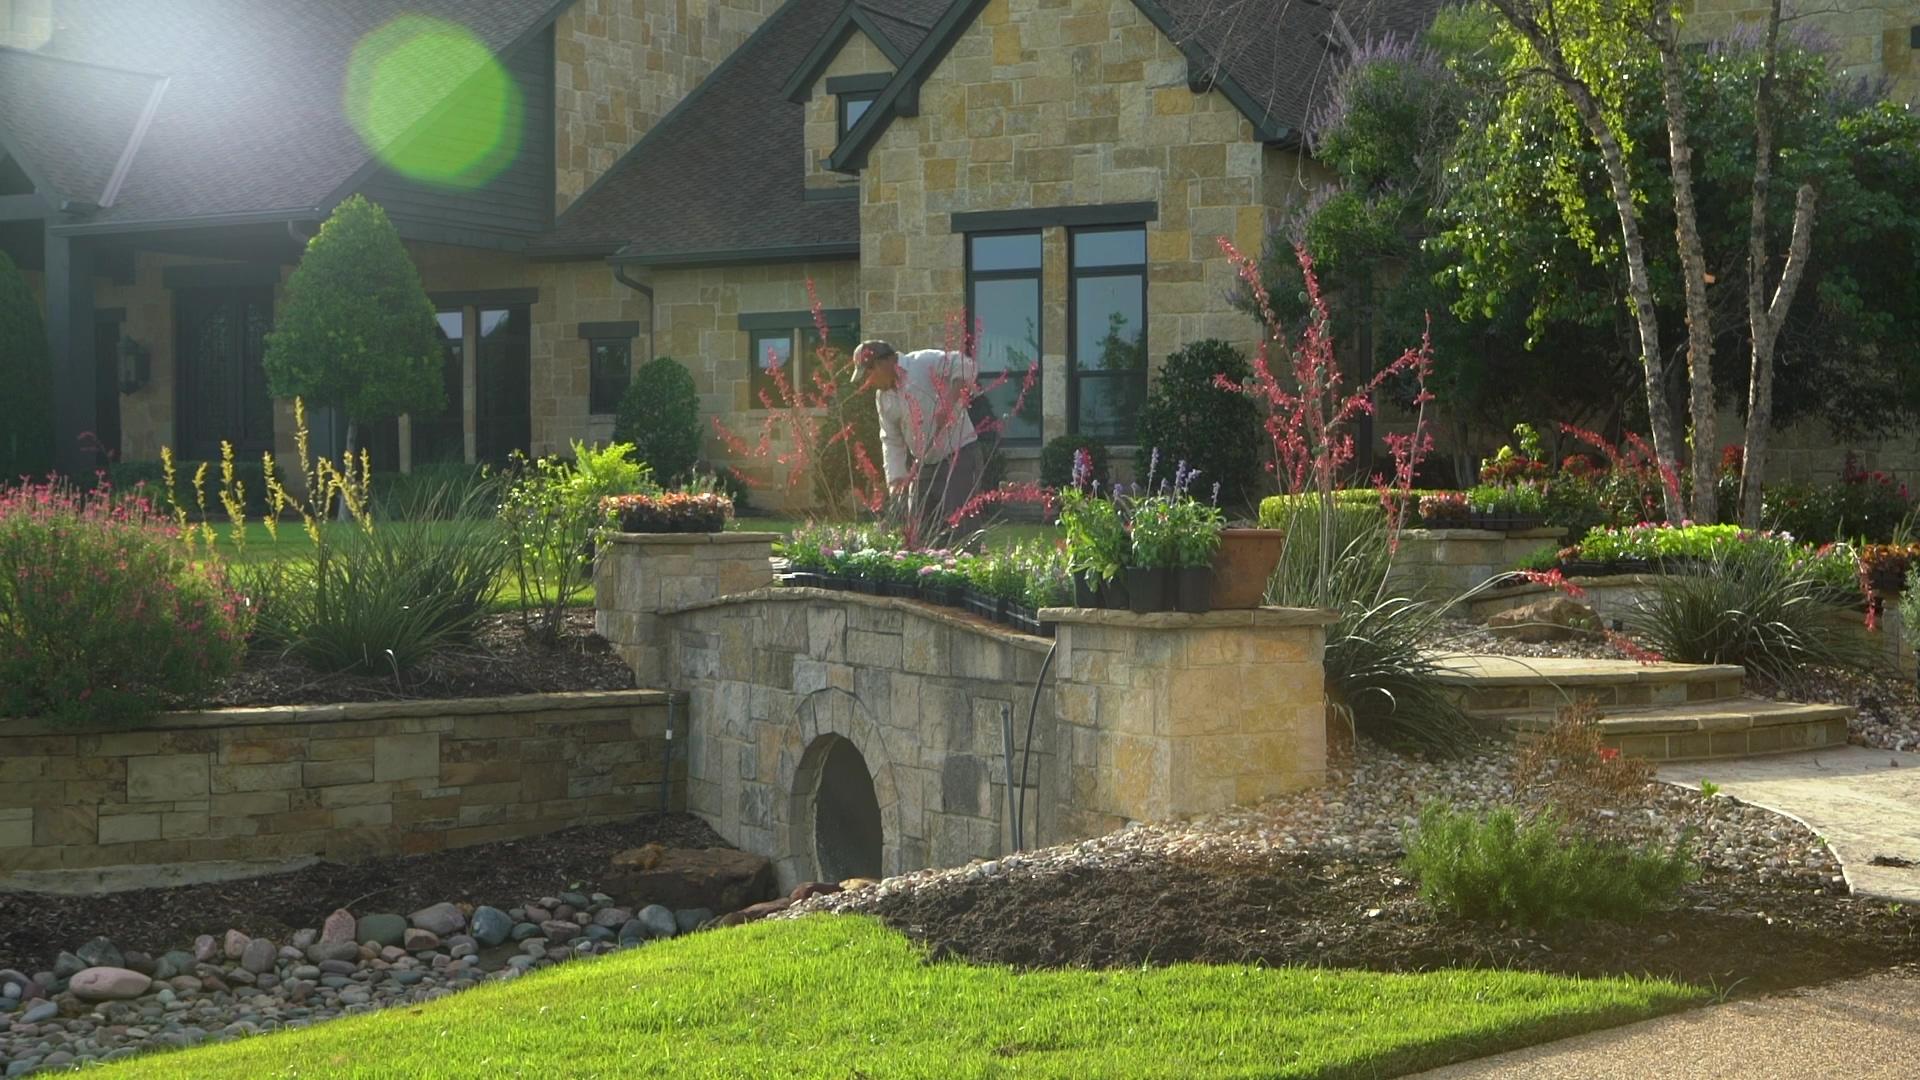 Grassperson Lawn Care & Landscape -Total Maintenance Video